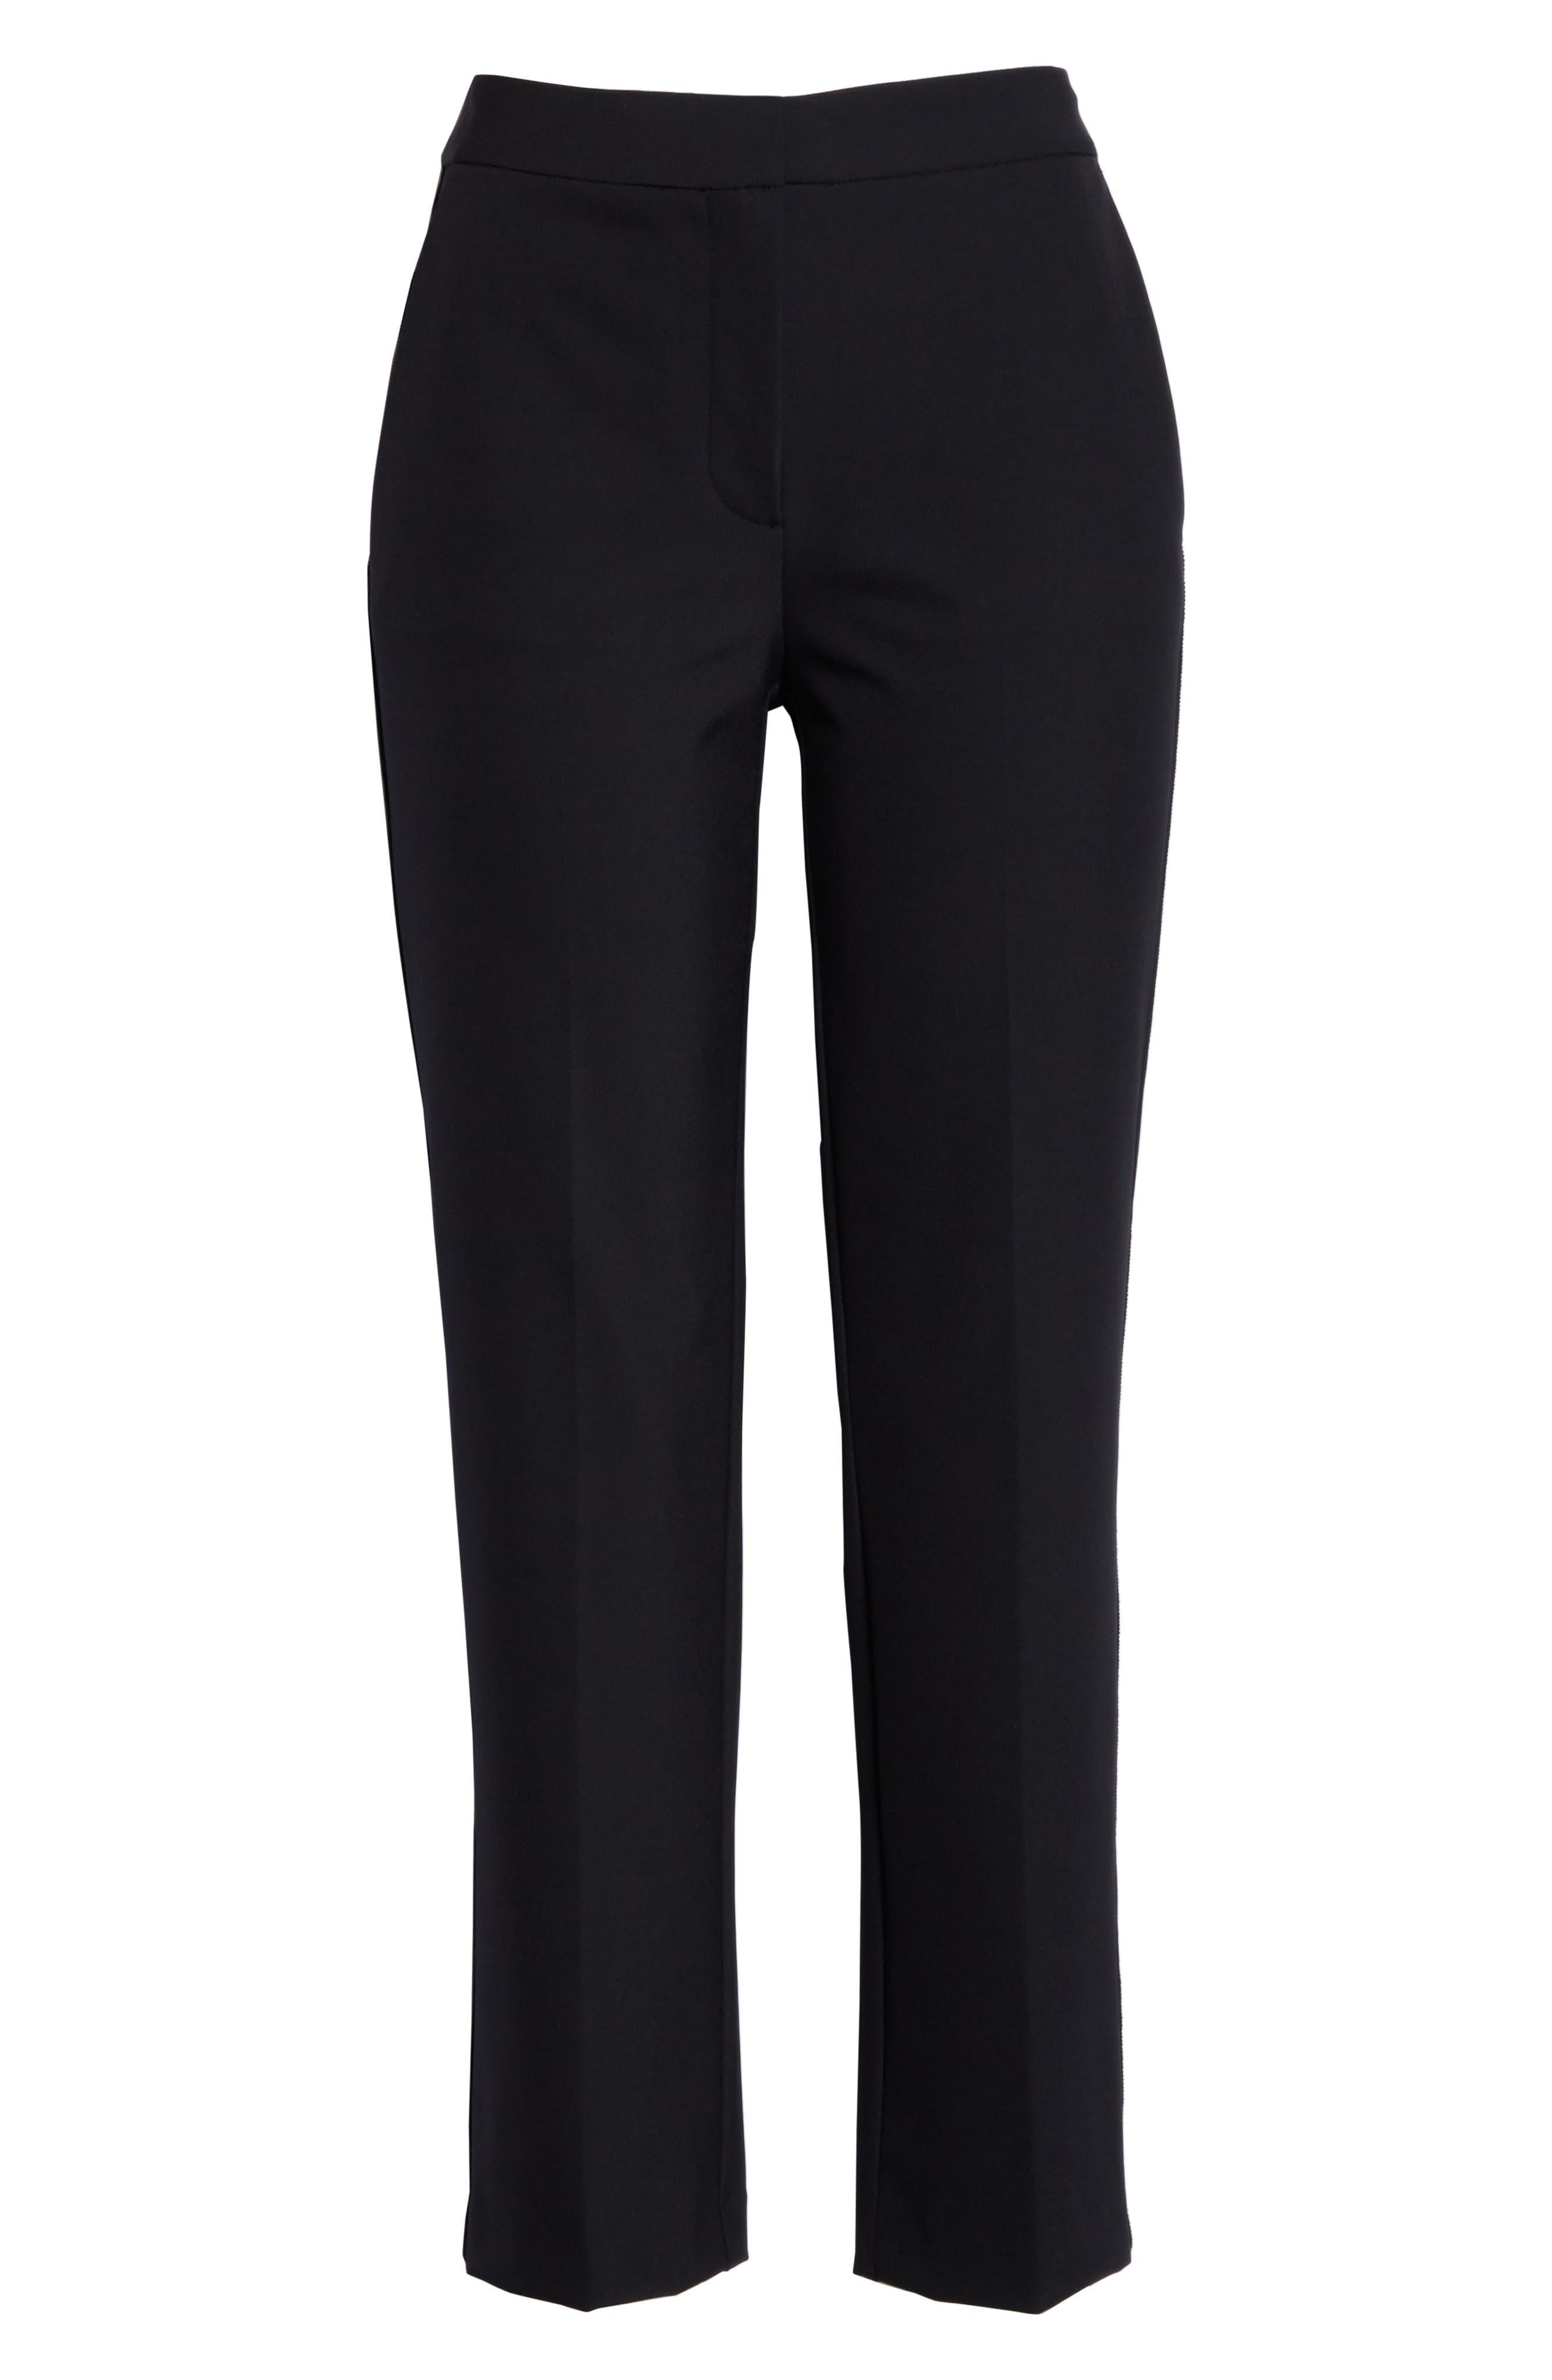 Audra Crop Pants,                             Alternate thumbnail 6, color,                             BLACK